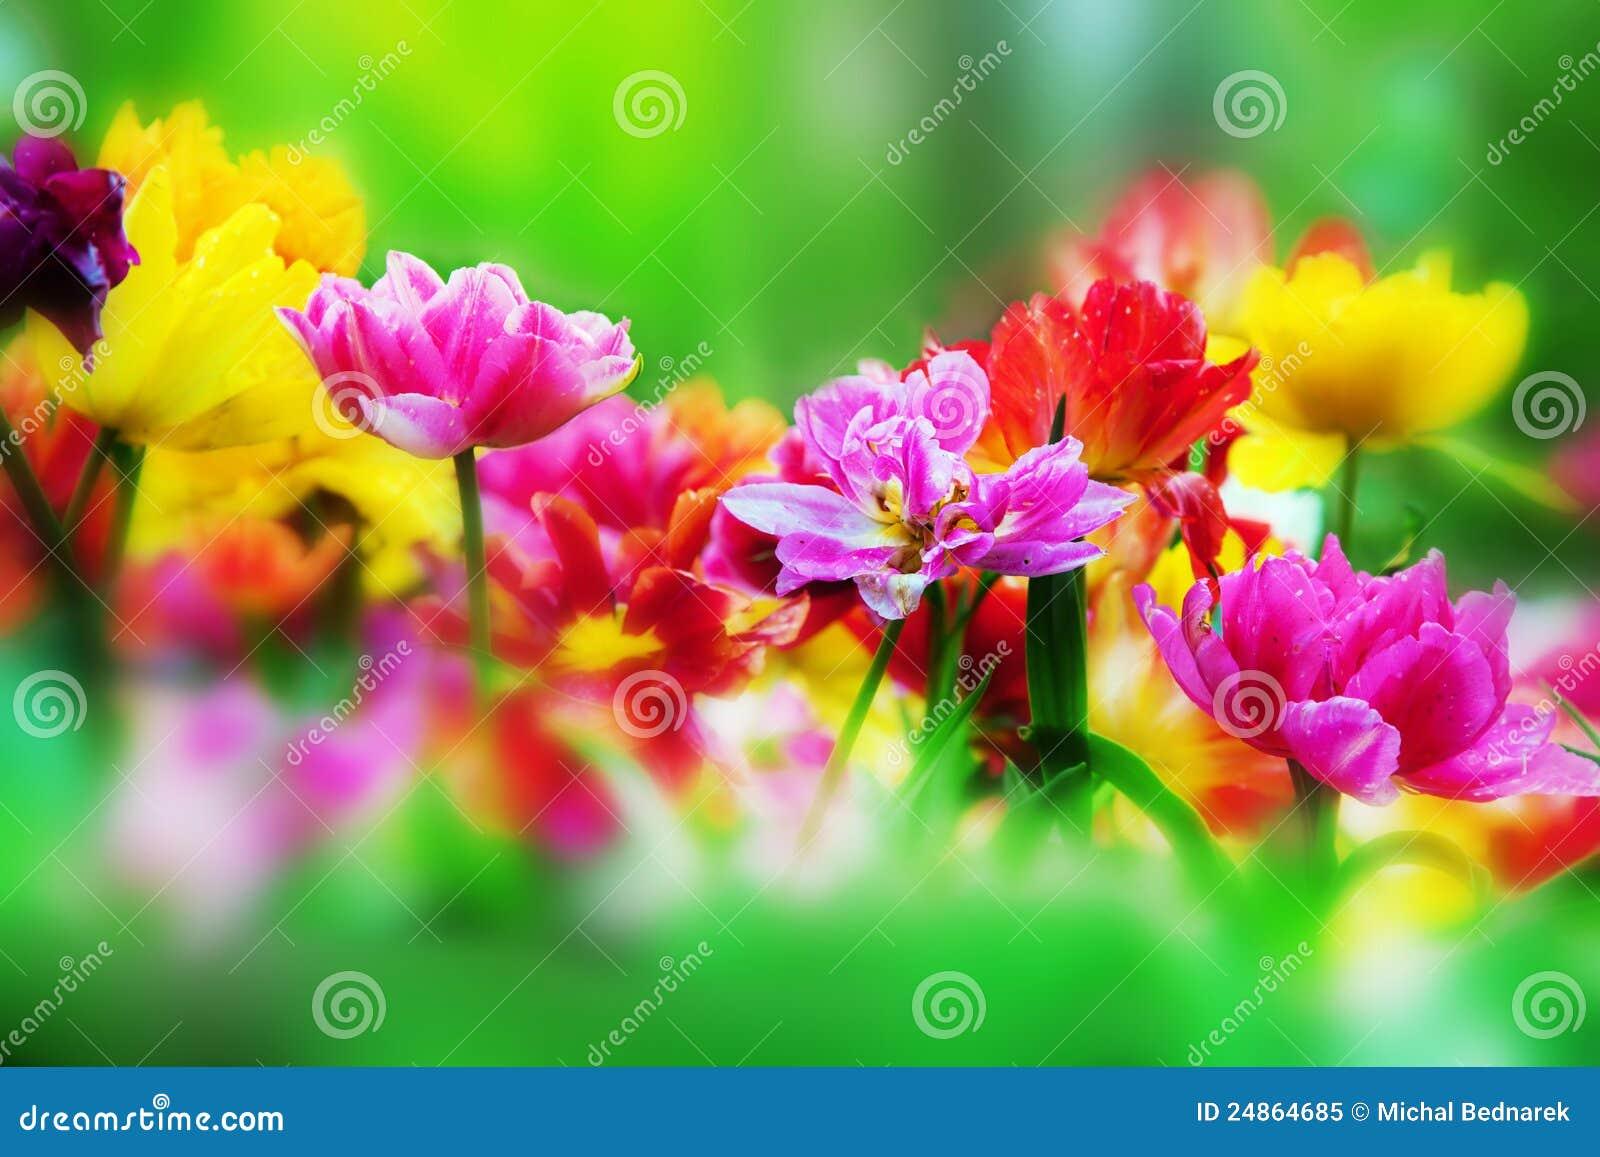 flores coloridas jardim:Flores Coloridas No Jardim Da Mola Foto de Stock Royalty Free – Imagem